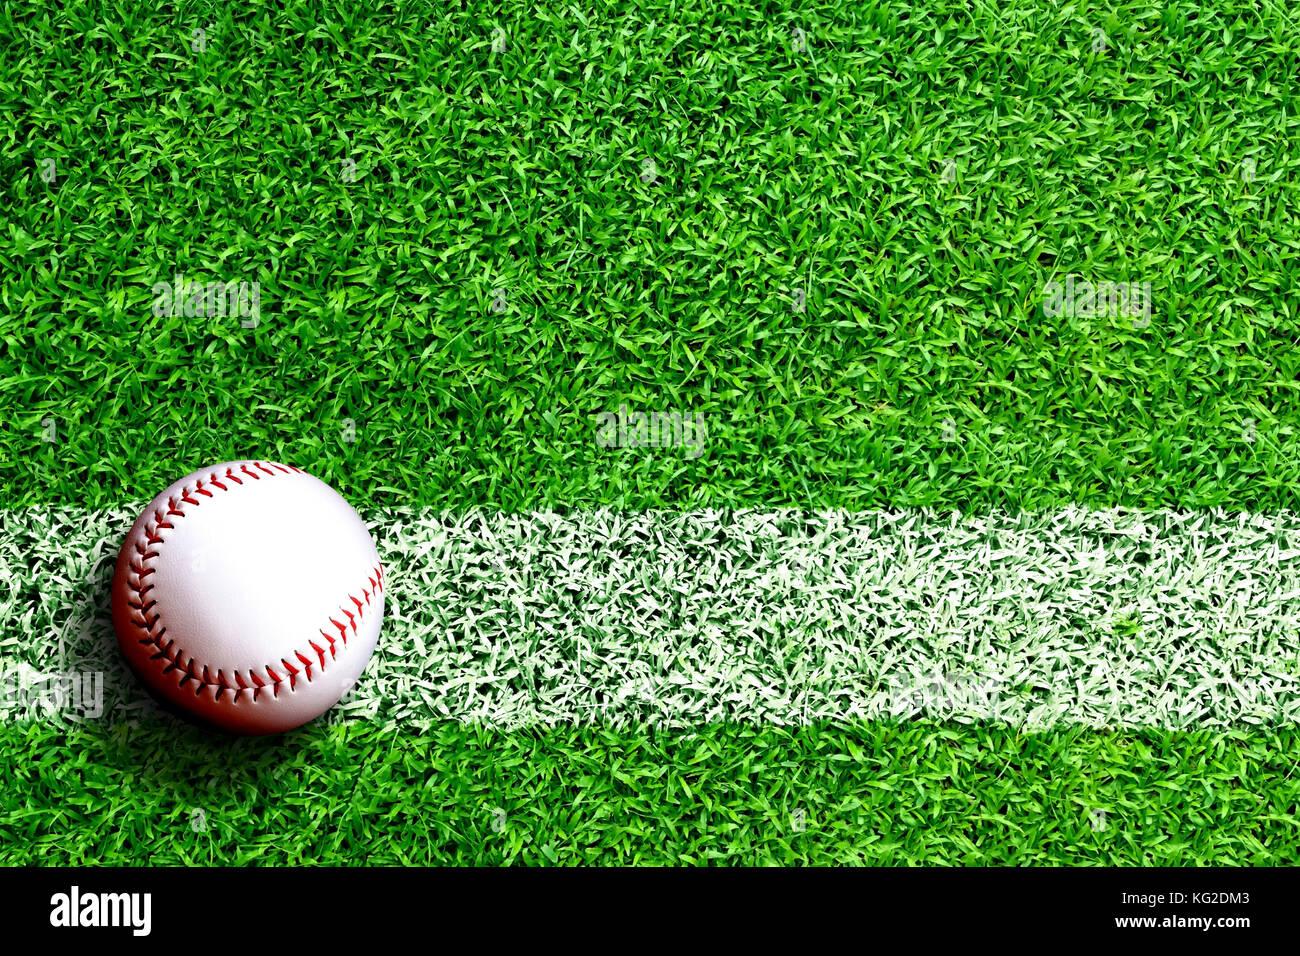 Baseball auf Feld mit weißen Linie markieren und kopieren. Linie stellt Infield oder regelwidrigen Linie. Stockbild